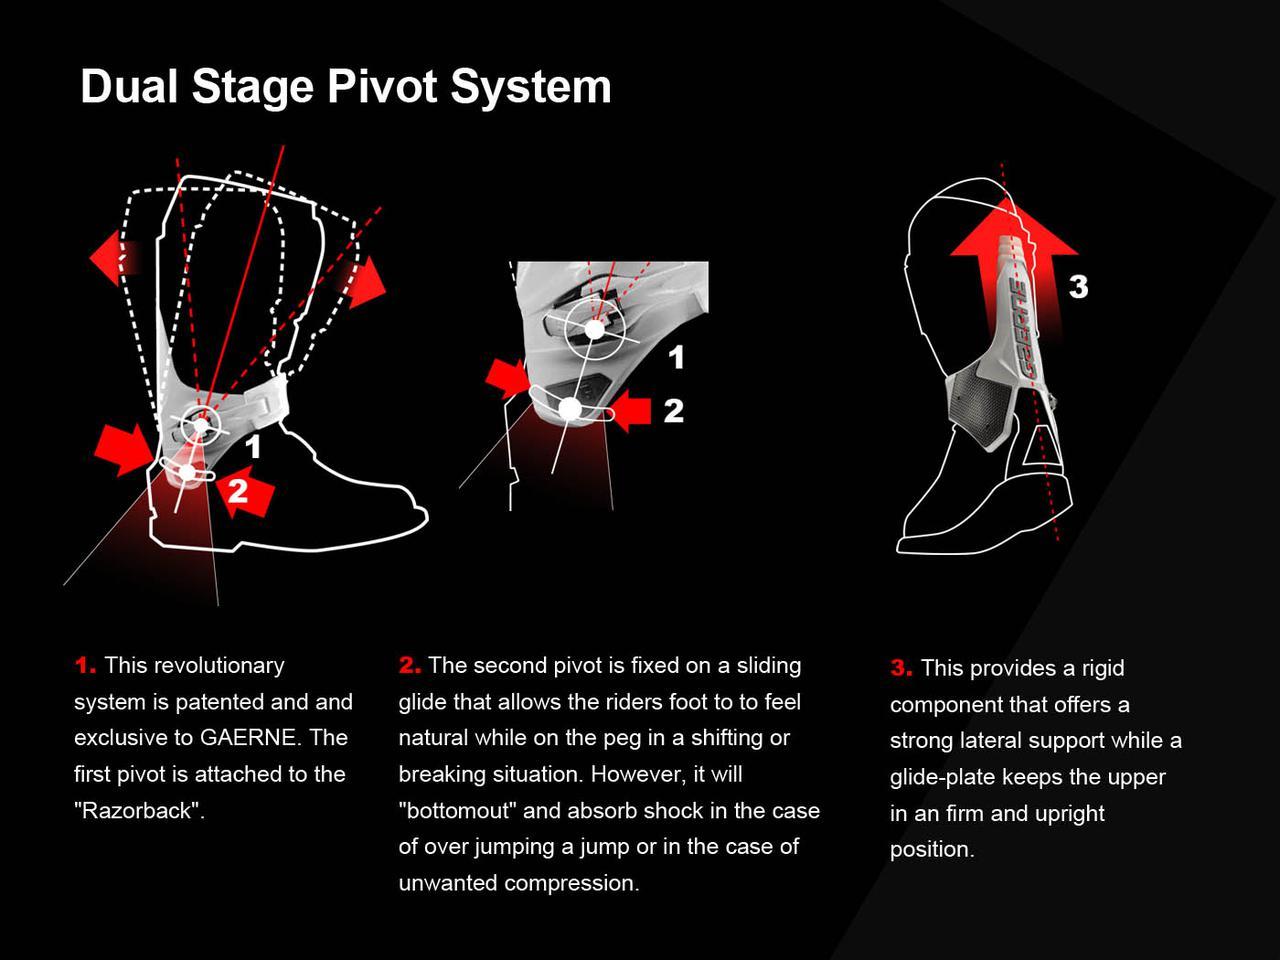 画像: 強度・剛性の高い樹脂パーツでプロテクション効果を高めながら2つのピボットがスムーズな動きを確保している。